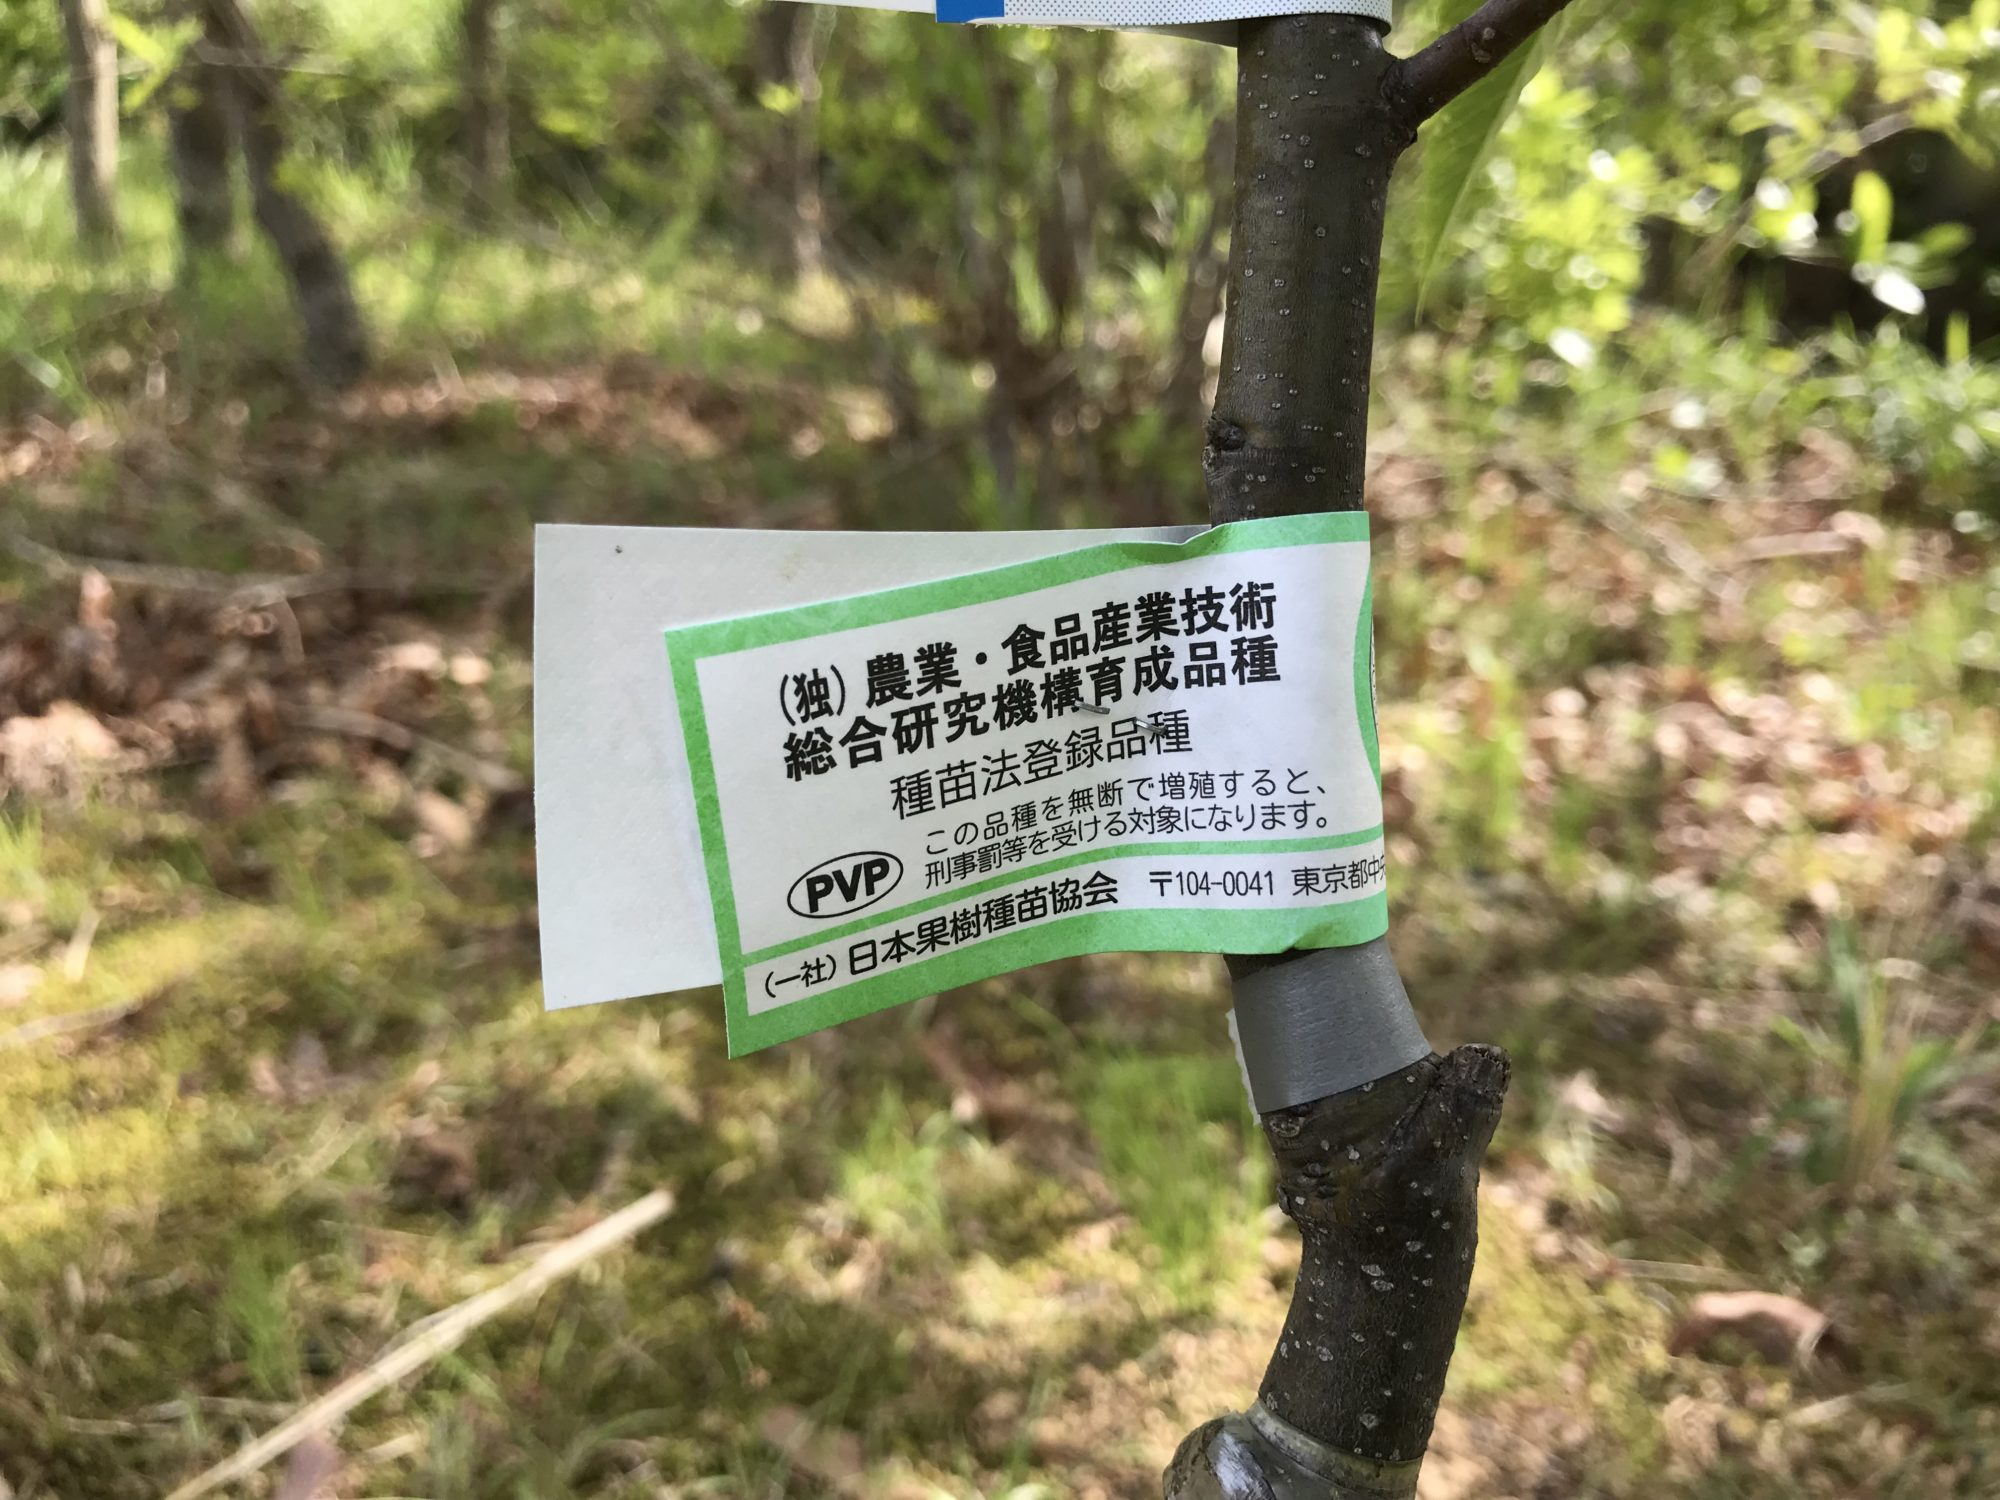 ぽろたんは農研機構で開発された新品種